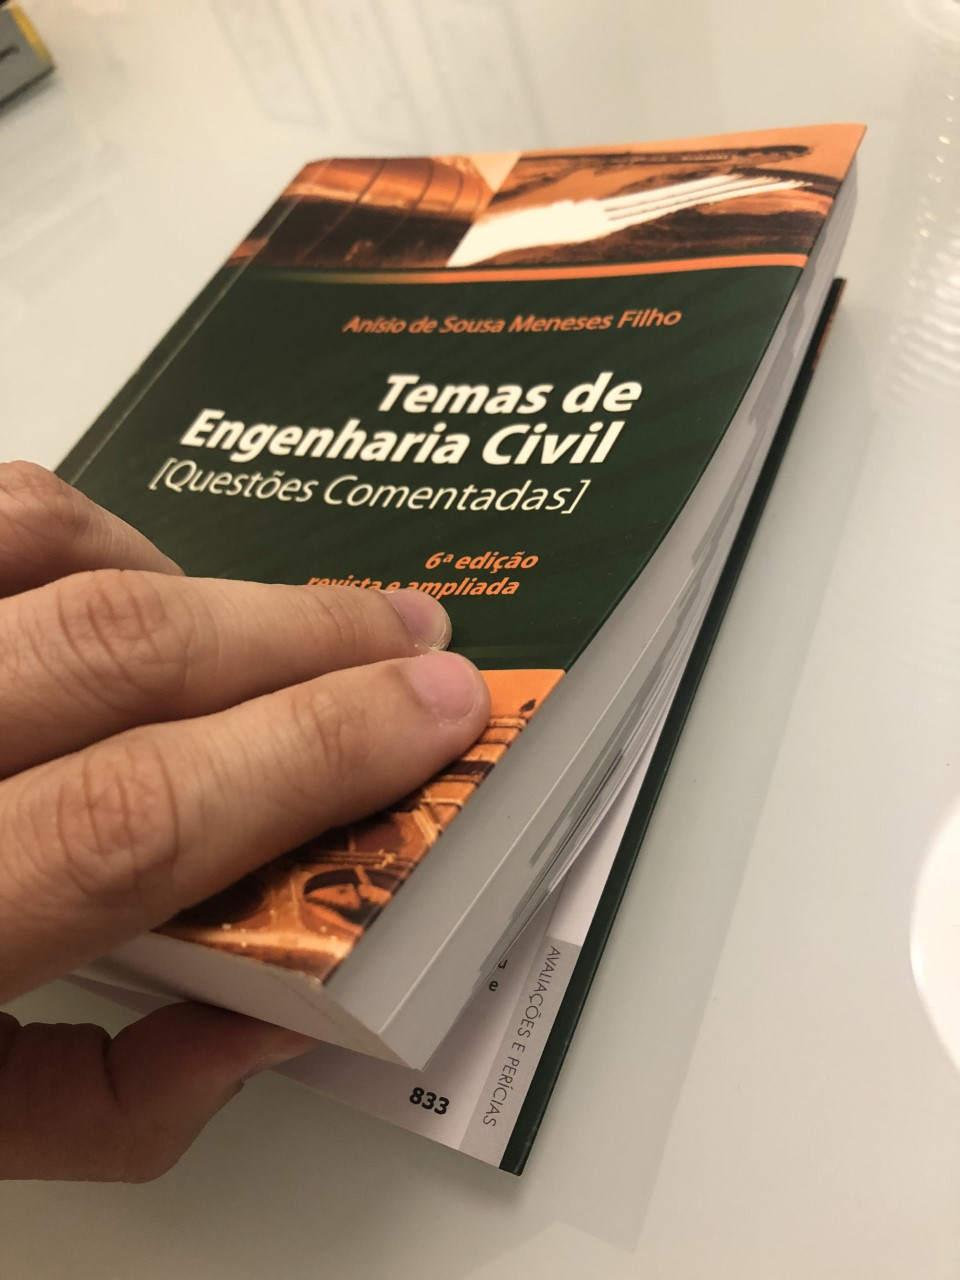 Temas de Engenharia Civil 6º edição